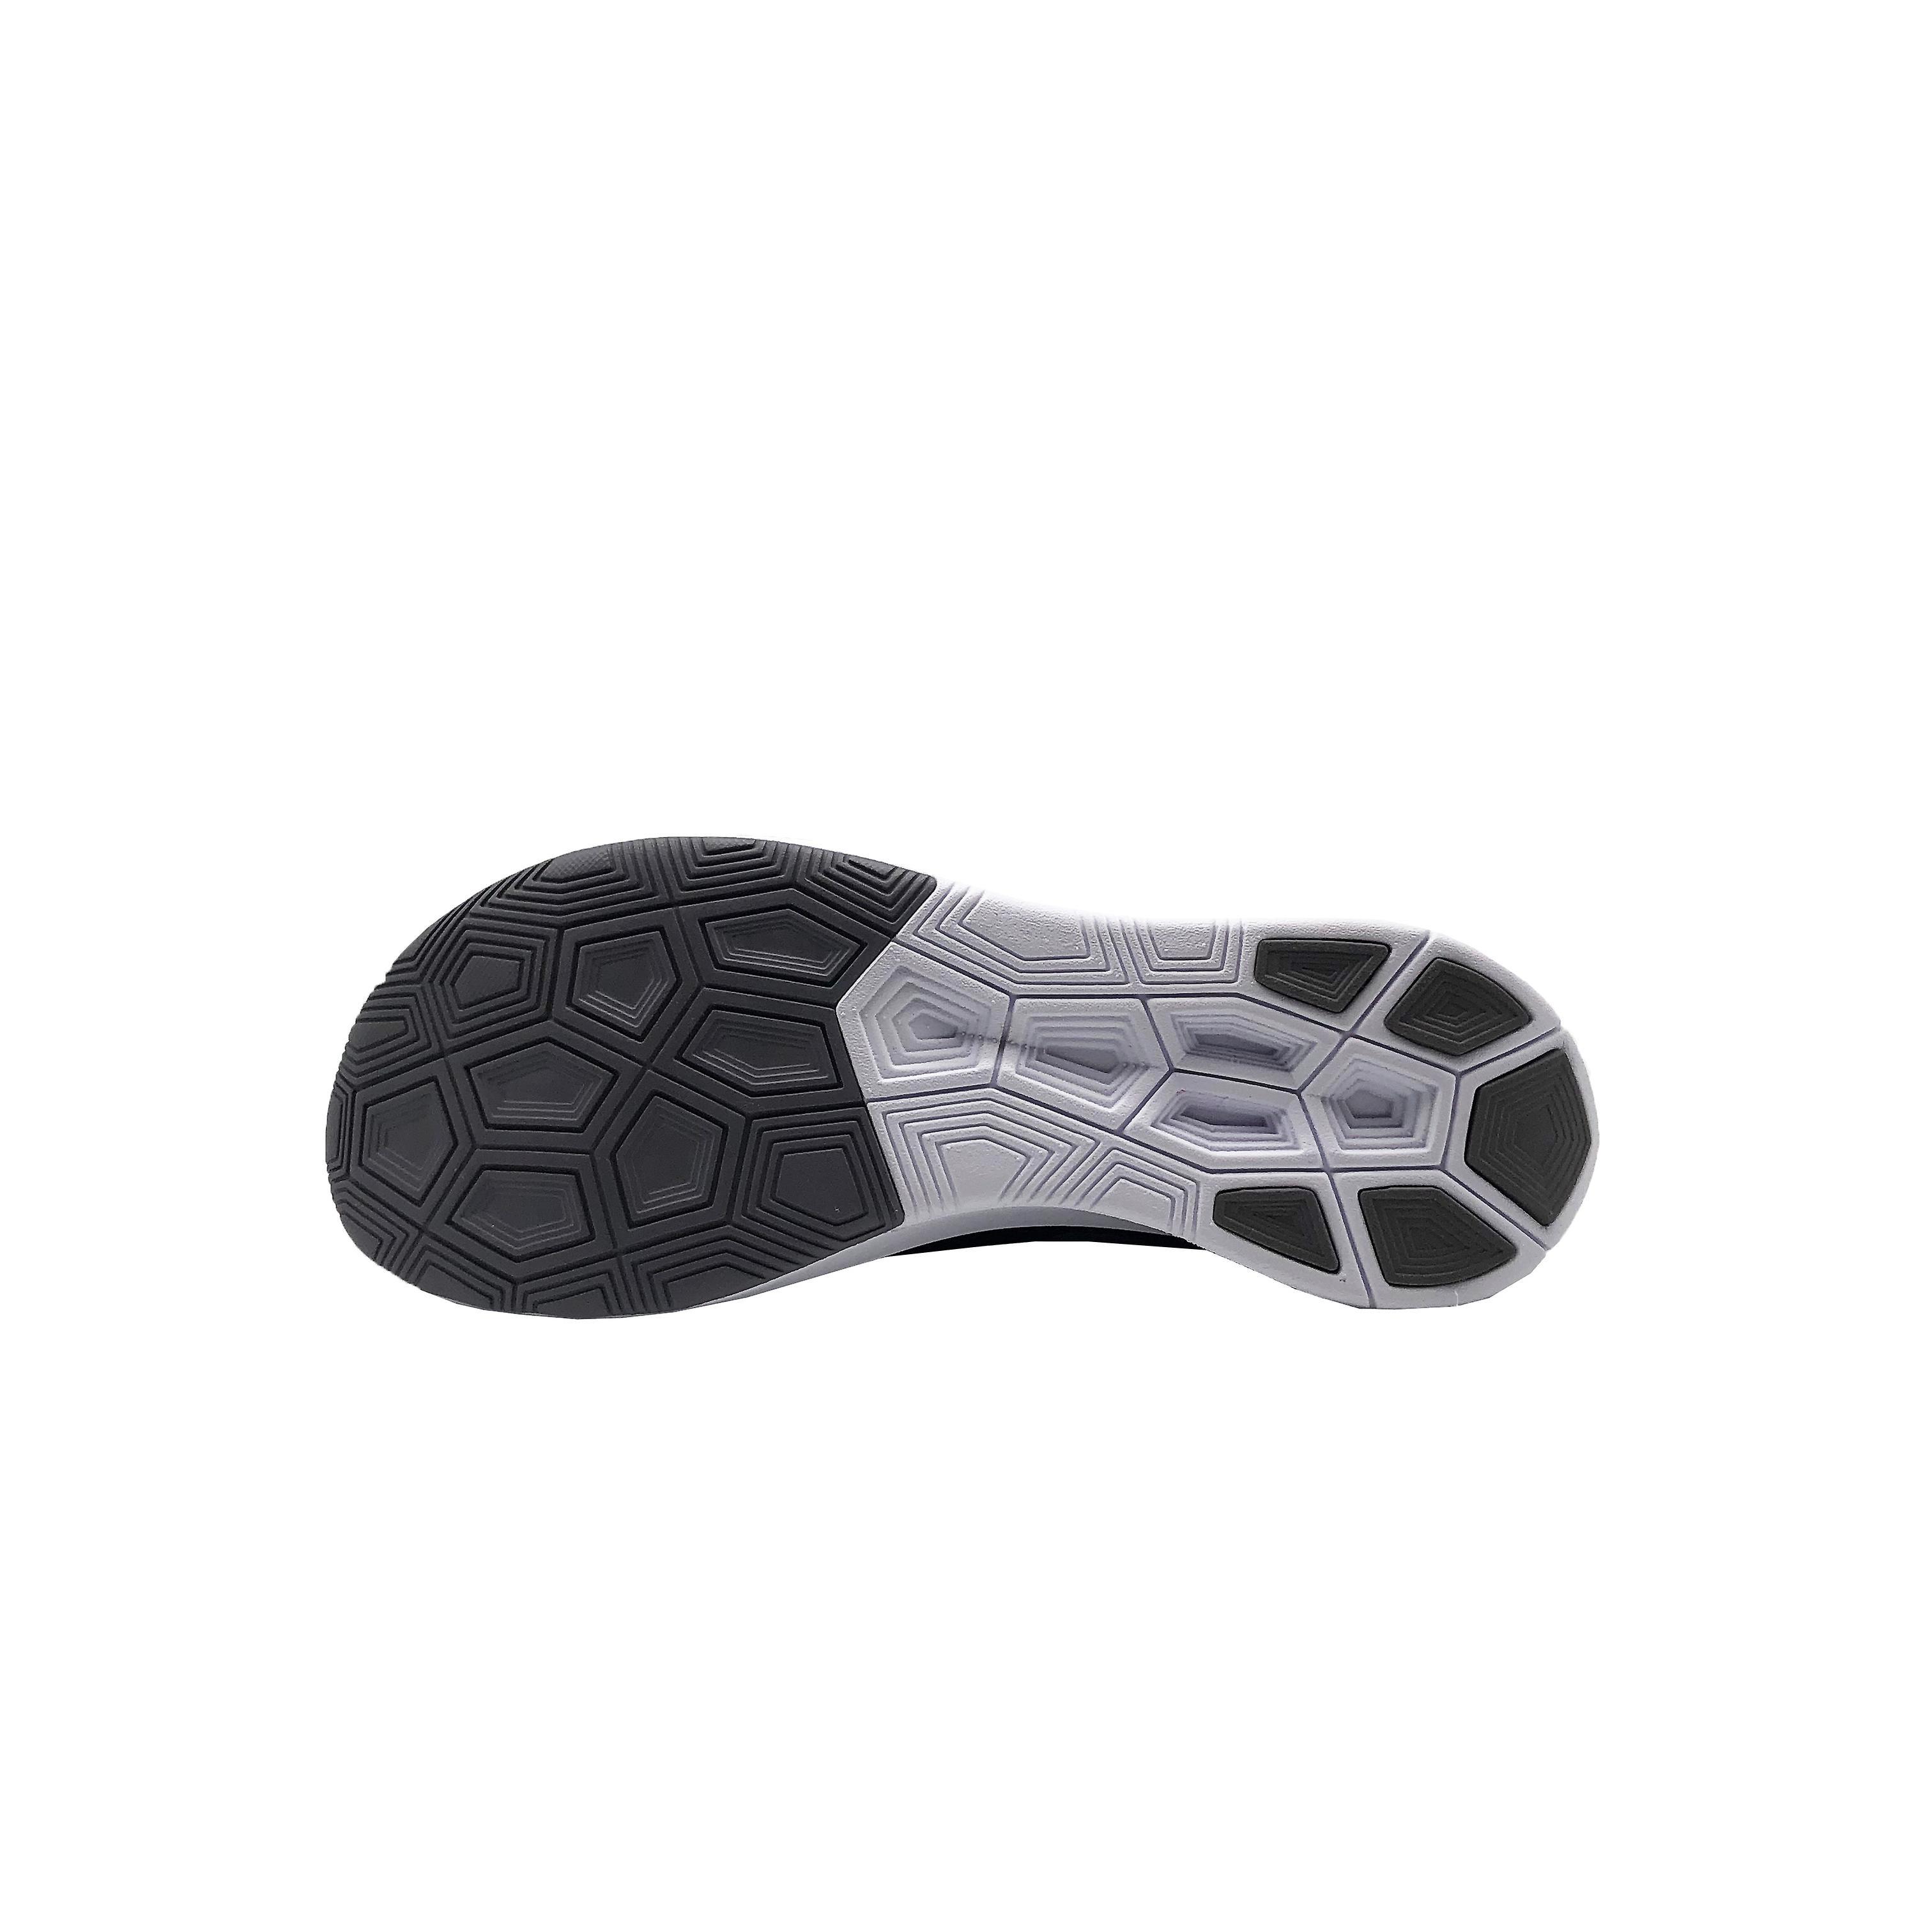 Nike Zoom Flyknit AR4562 081 Damen Trainer